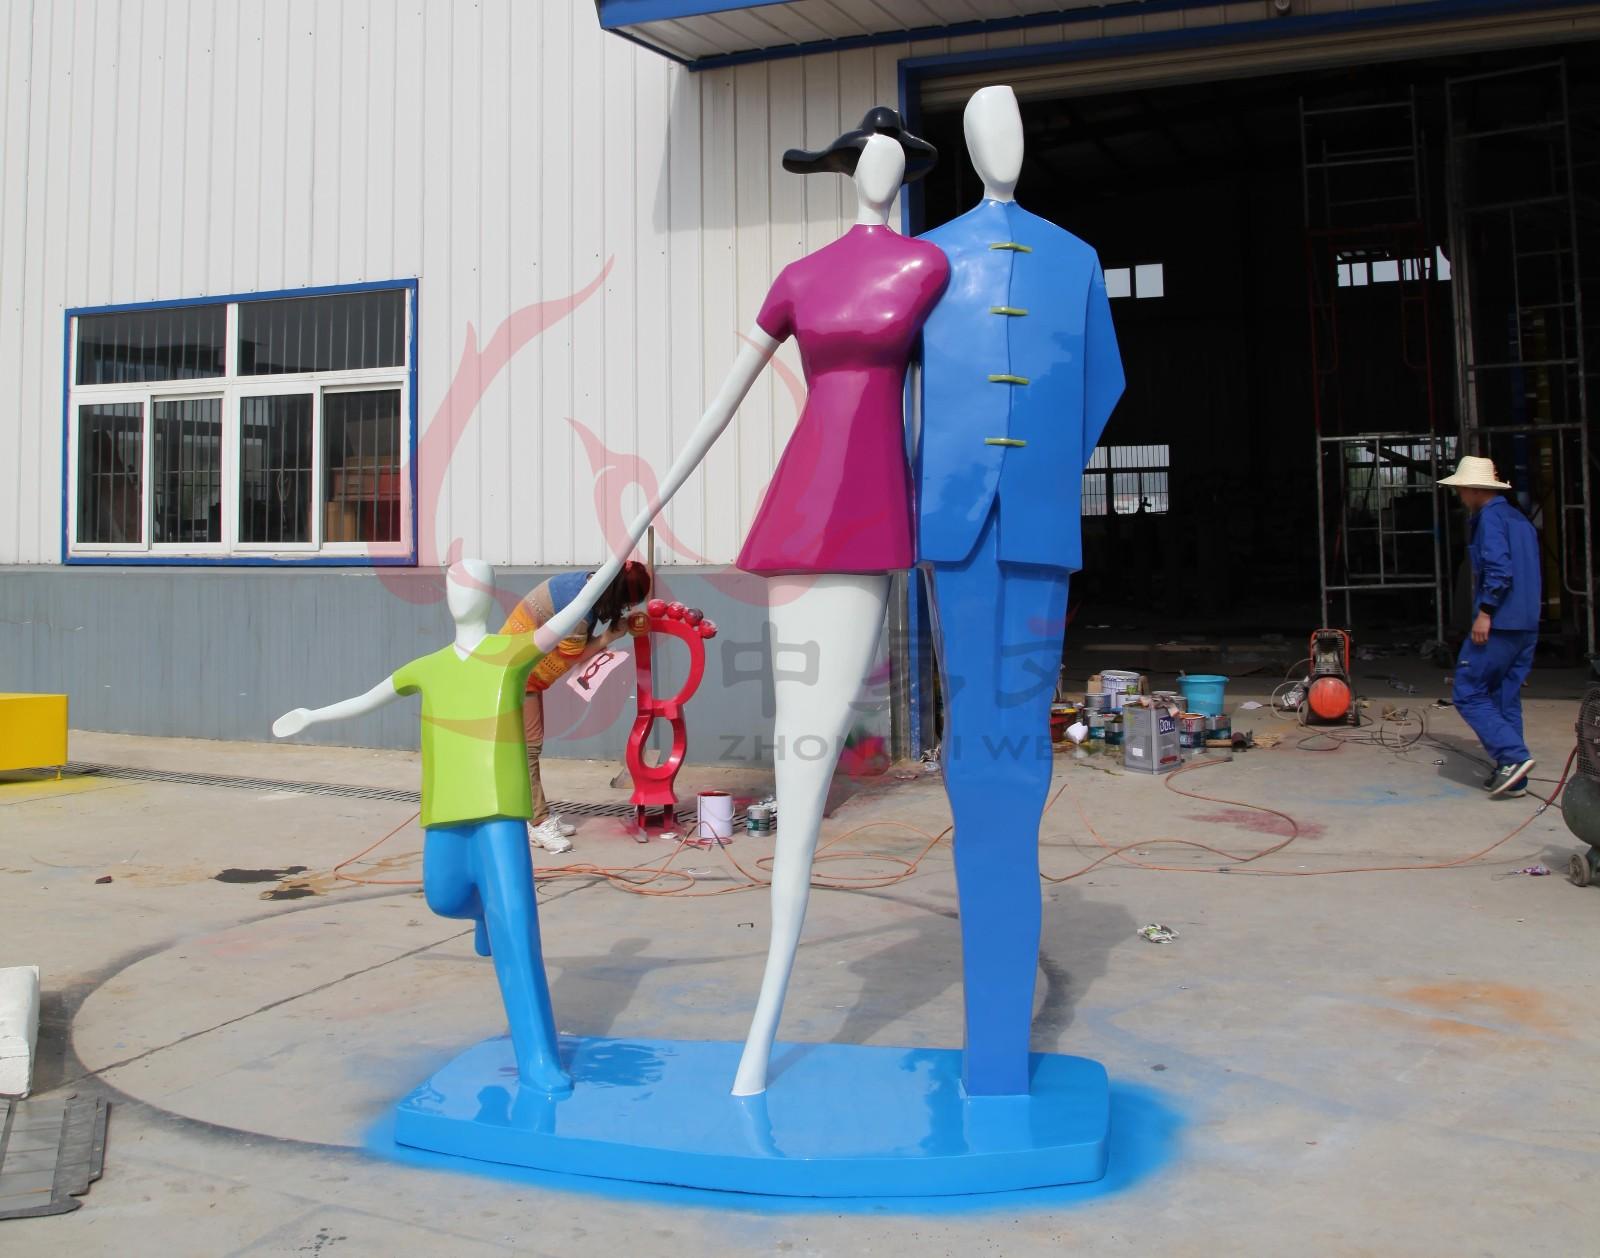 北京玻璃钢雕塑,青铜雕塑,不锈钢雕塑公司